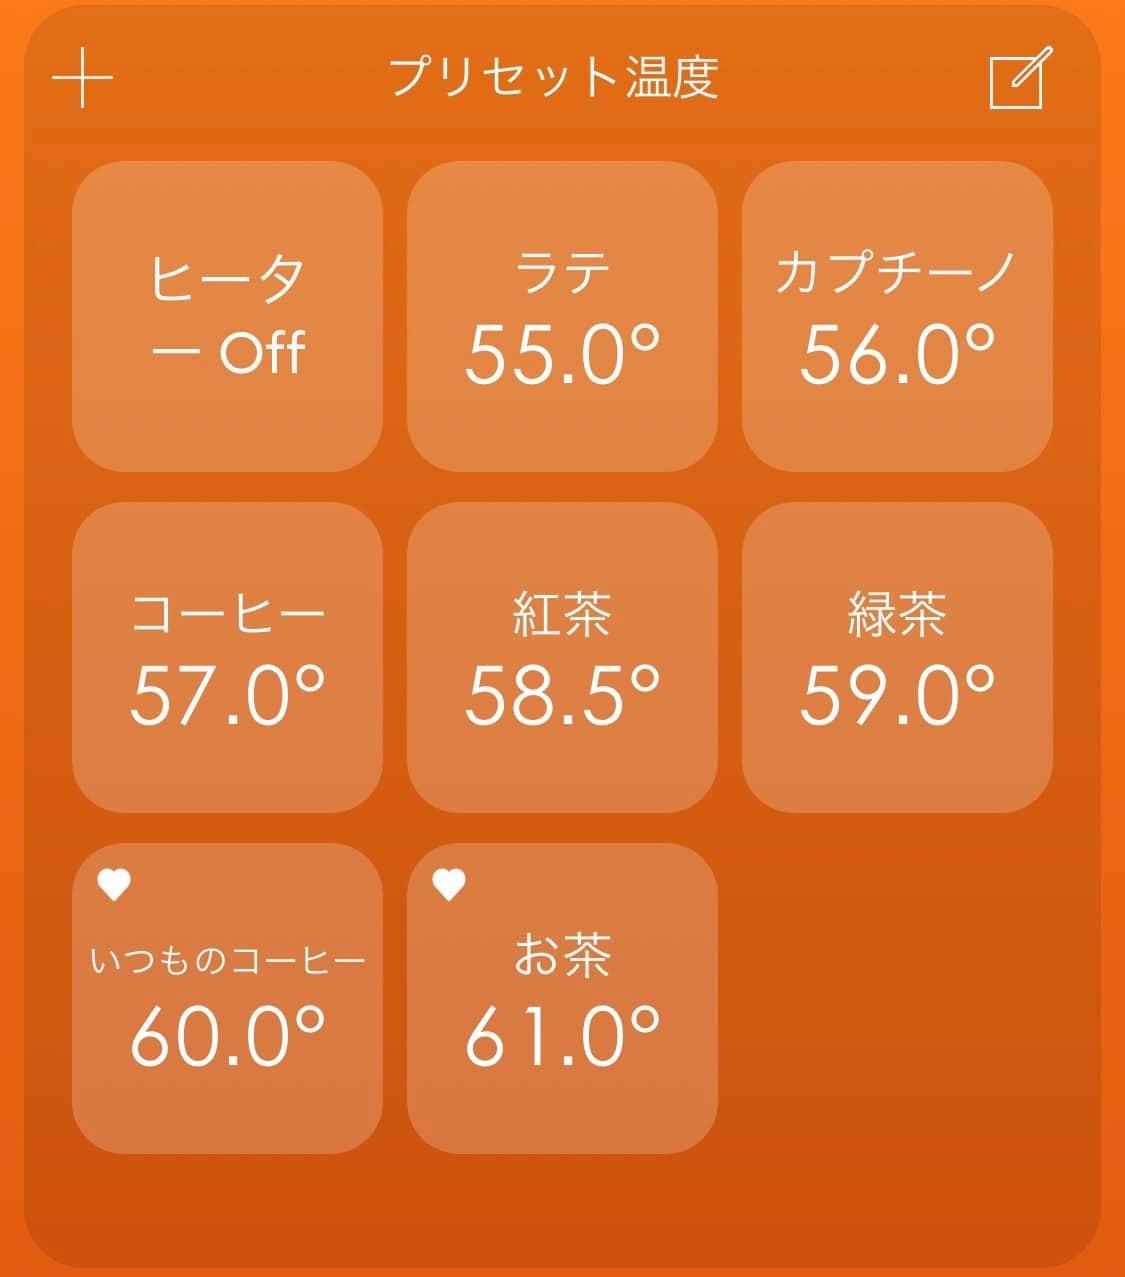 Ember マグ2のアプリのプリセット